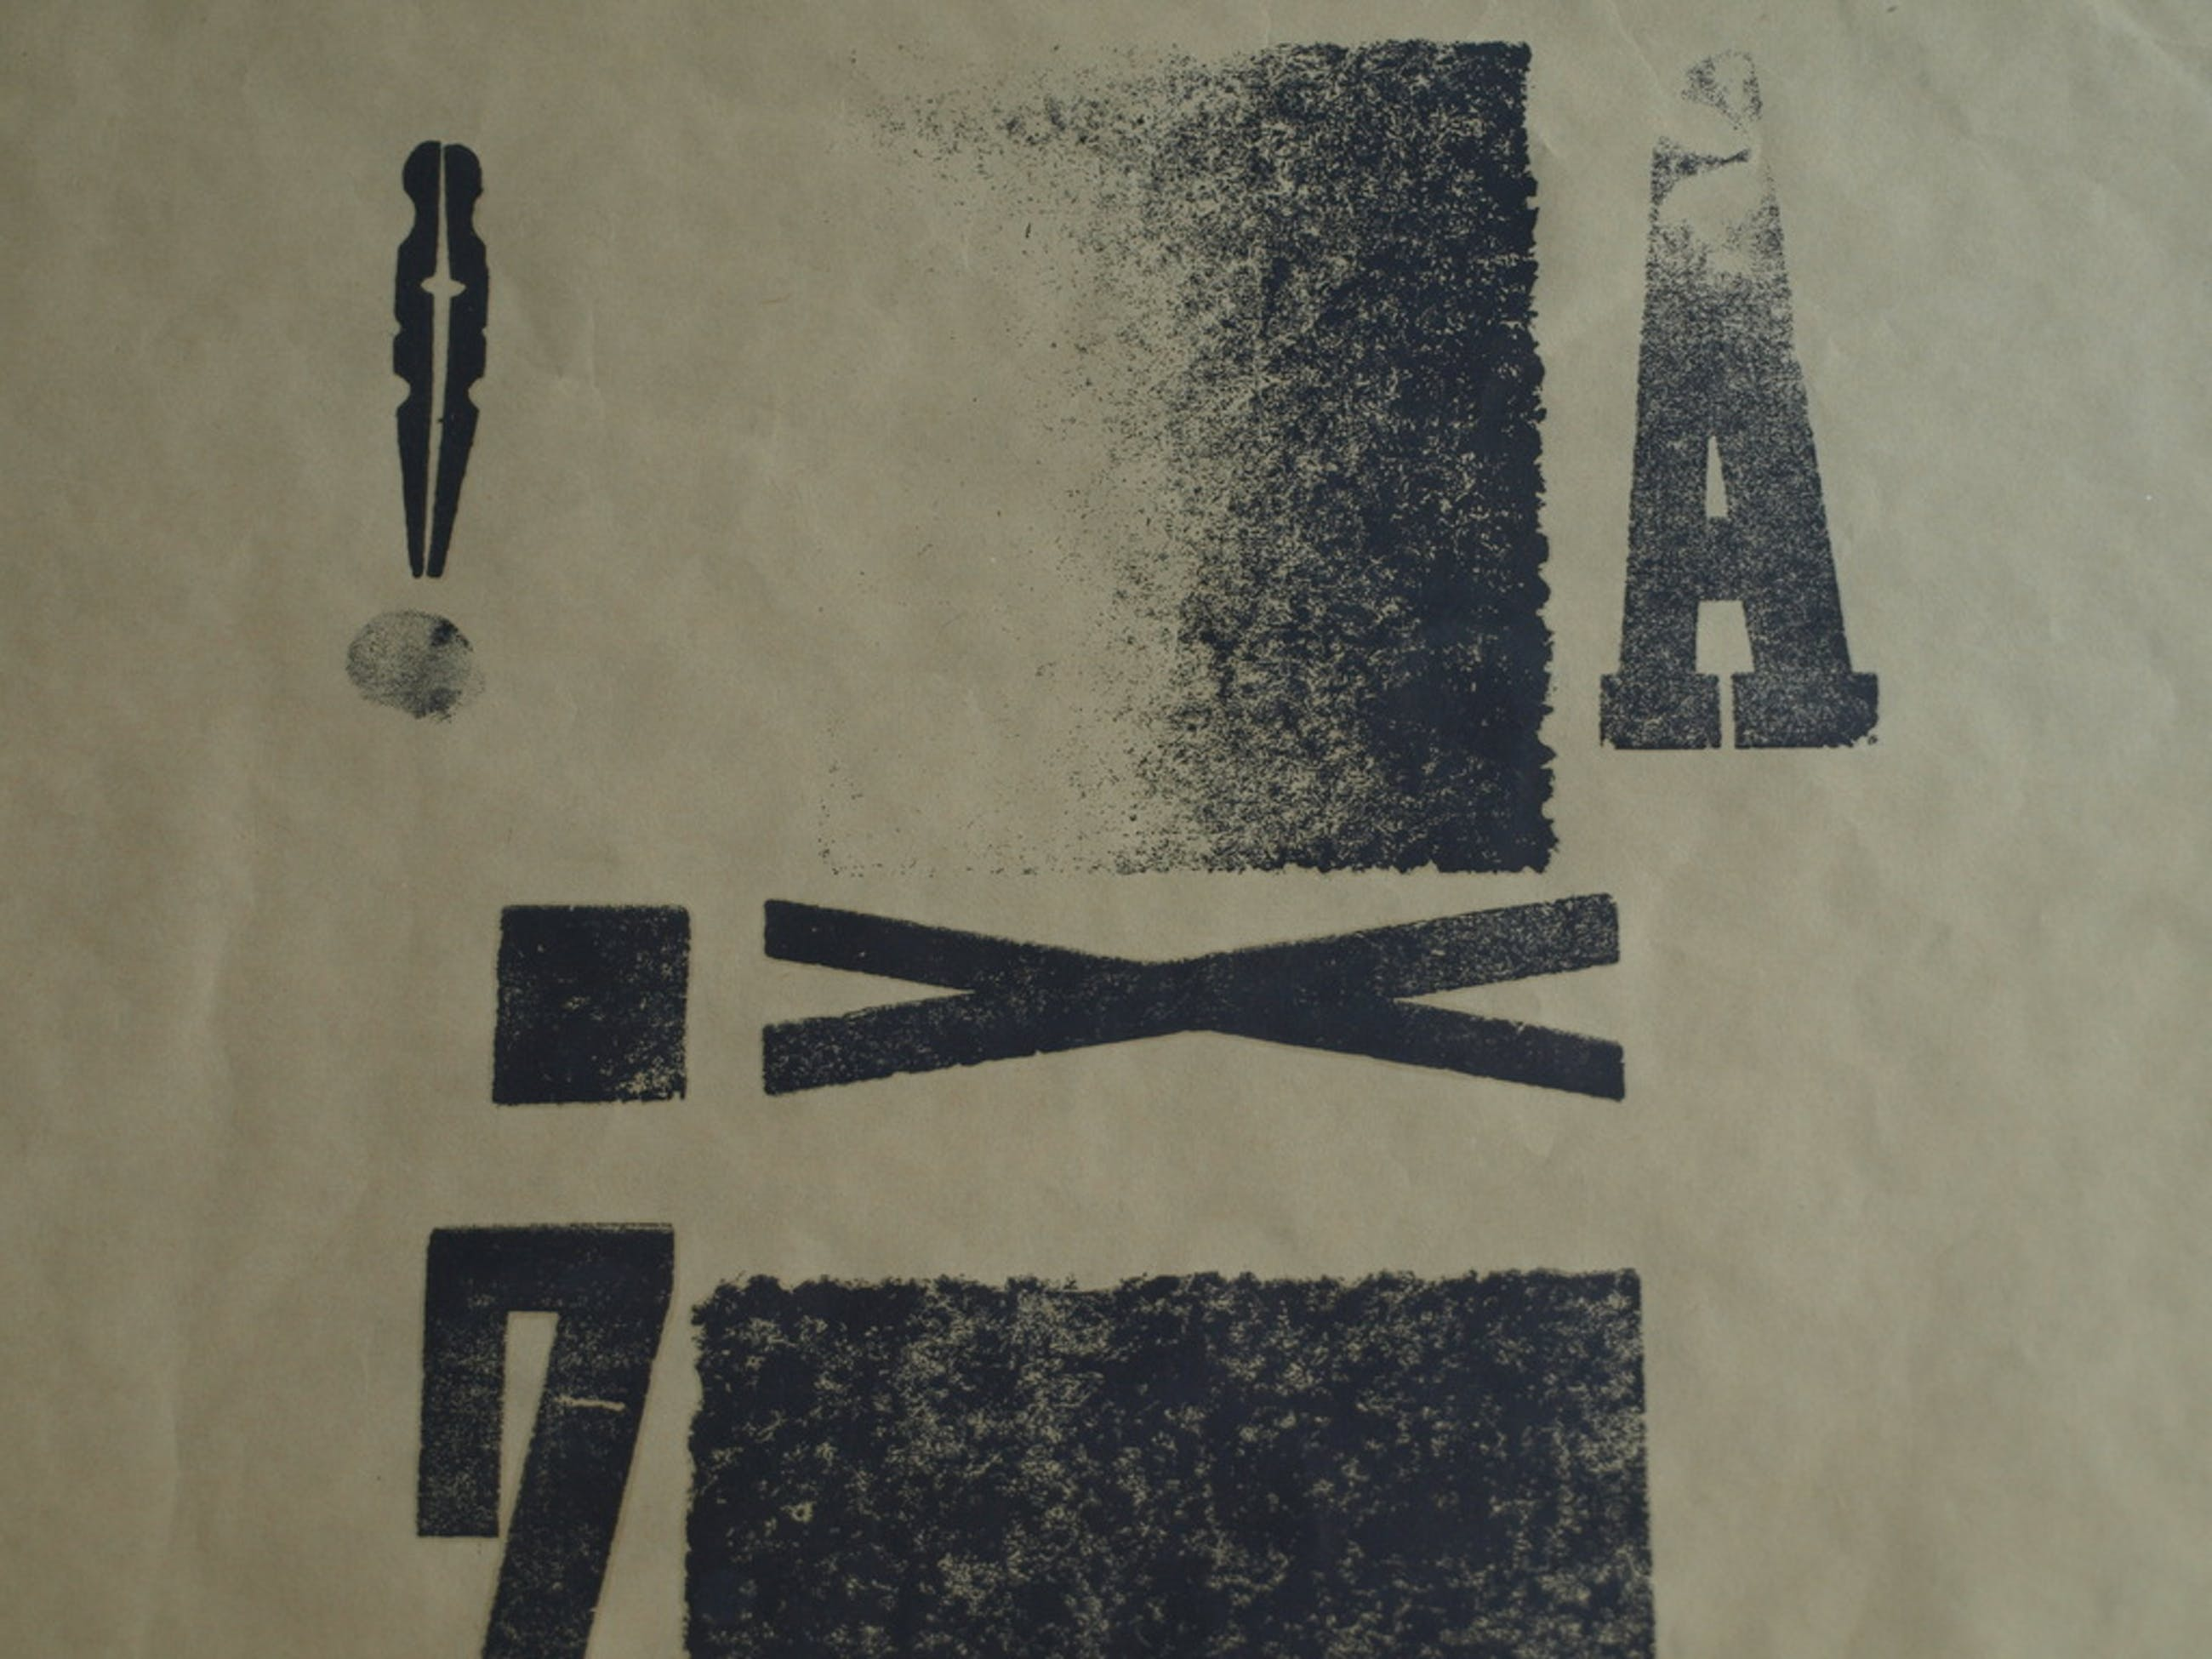 Irene Verbeek : Diepdruk , Van A tot Z – Gesigneerd & ingelijst – 1981 - 1/1 kopen? Bied vanaf 25!